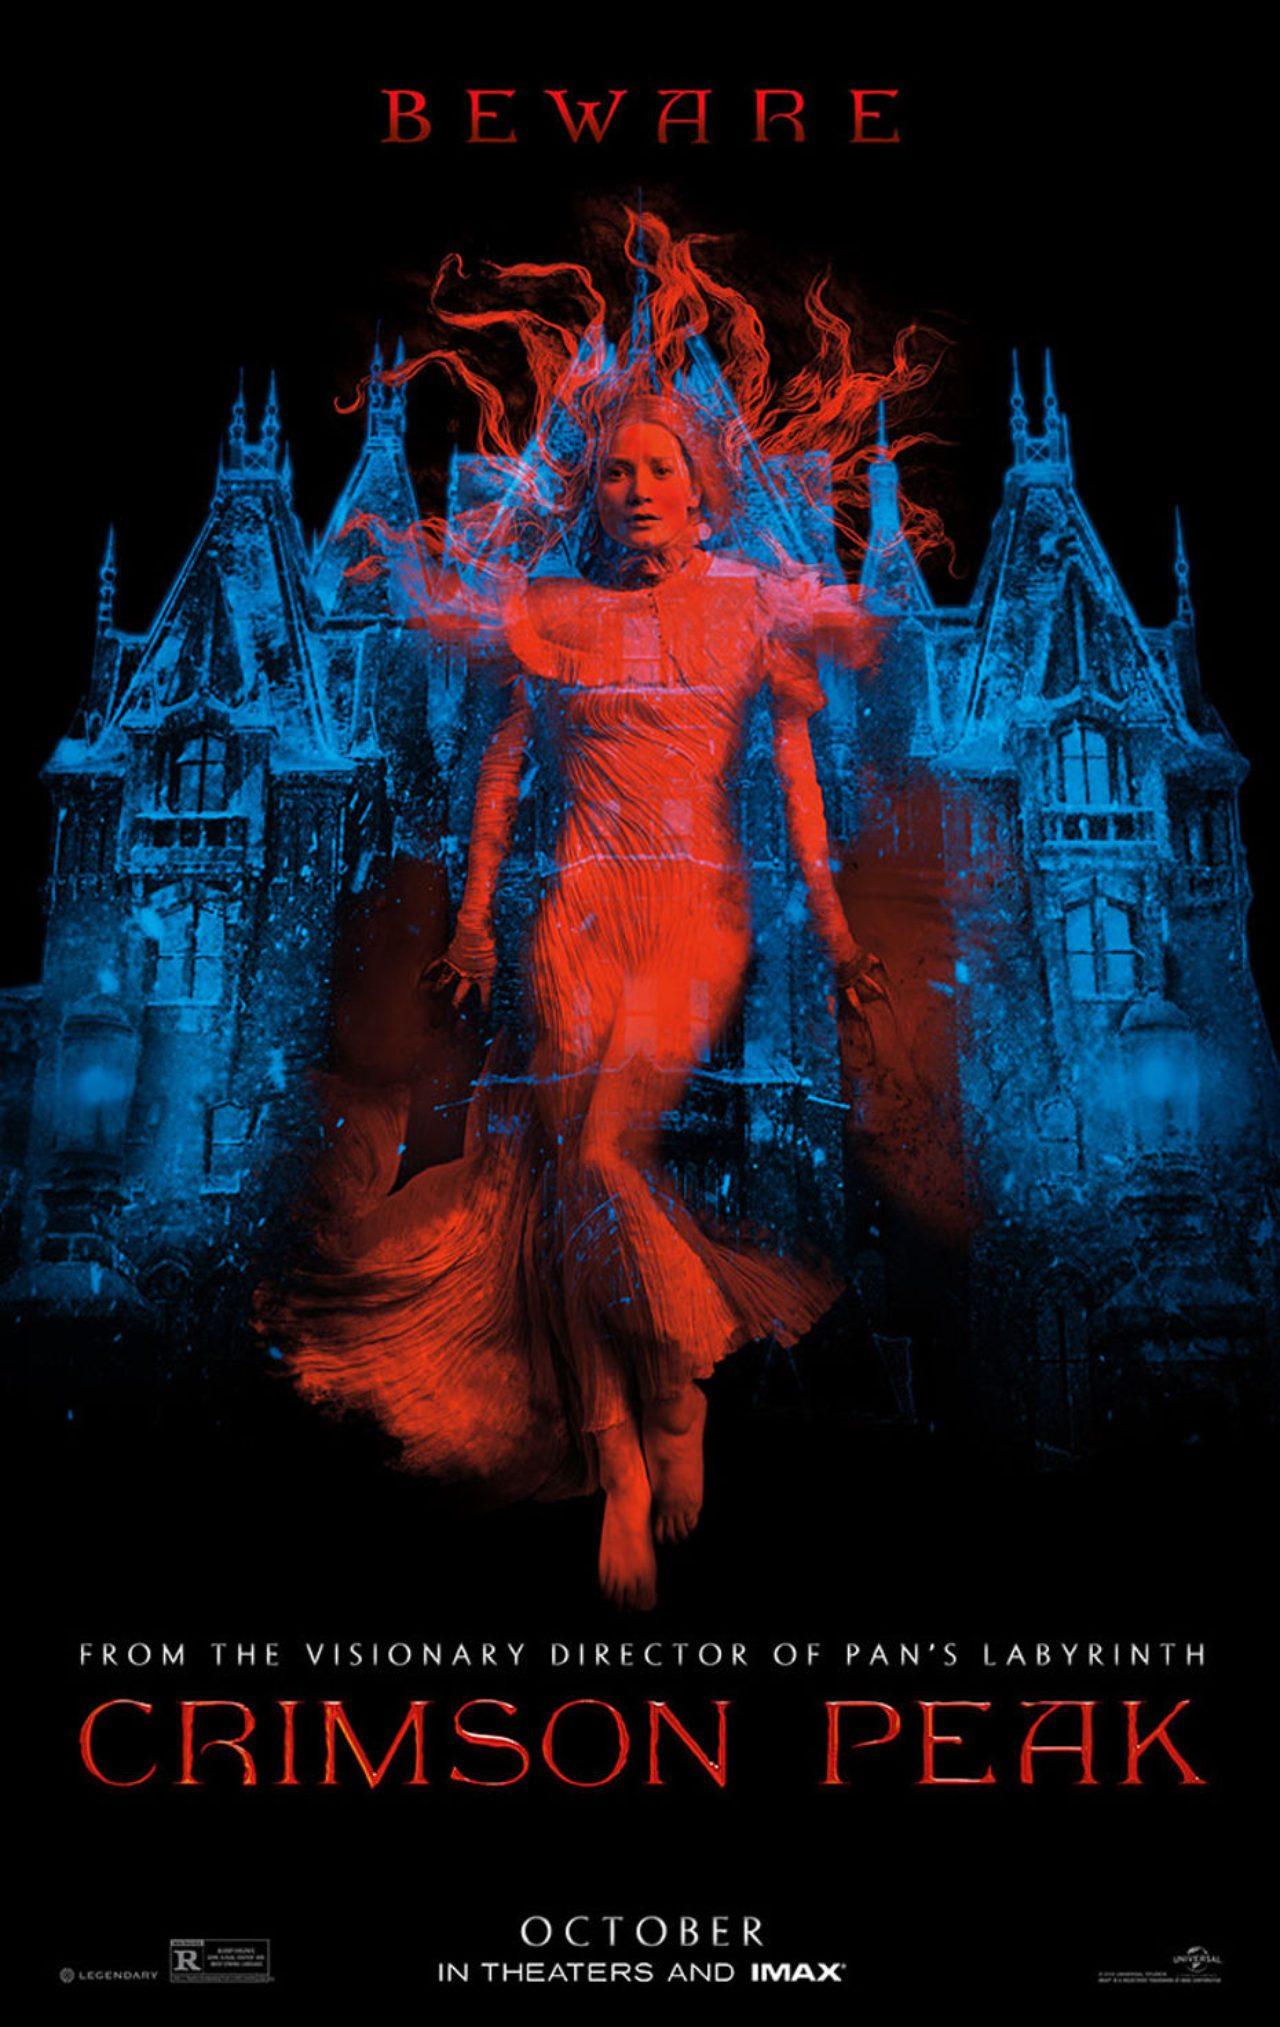 画像: http://moviepilot.com/posts/2015/05/13/stunning-motion-poster-debuted-for-guillermo-del-toro-s-crimson-peak-new-trailer-2929999?lt_source=external,manual